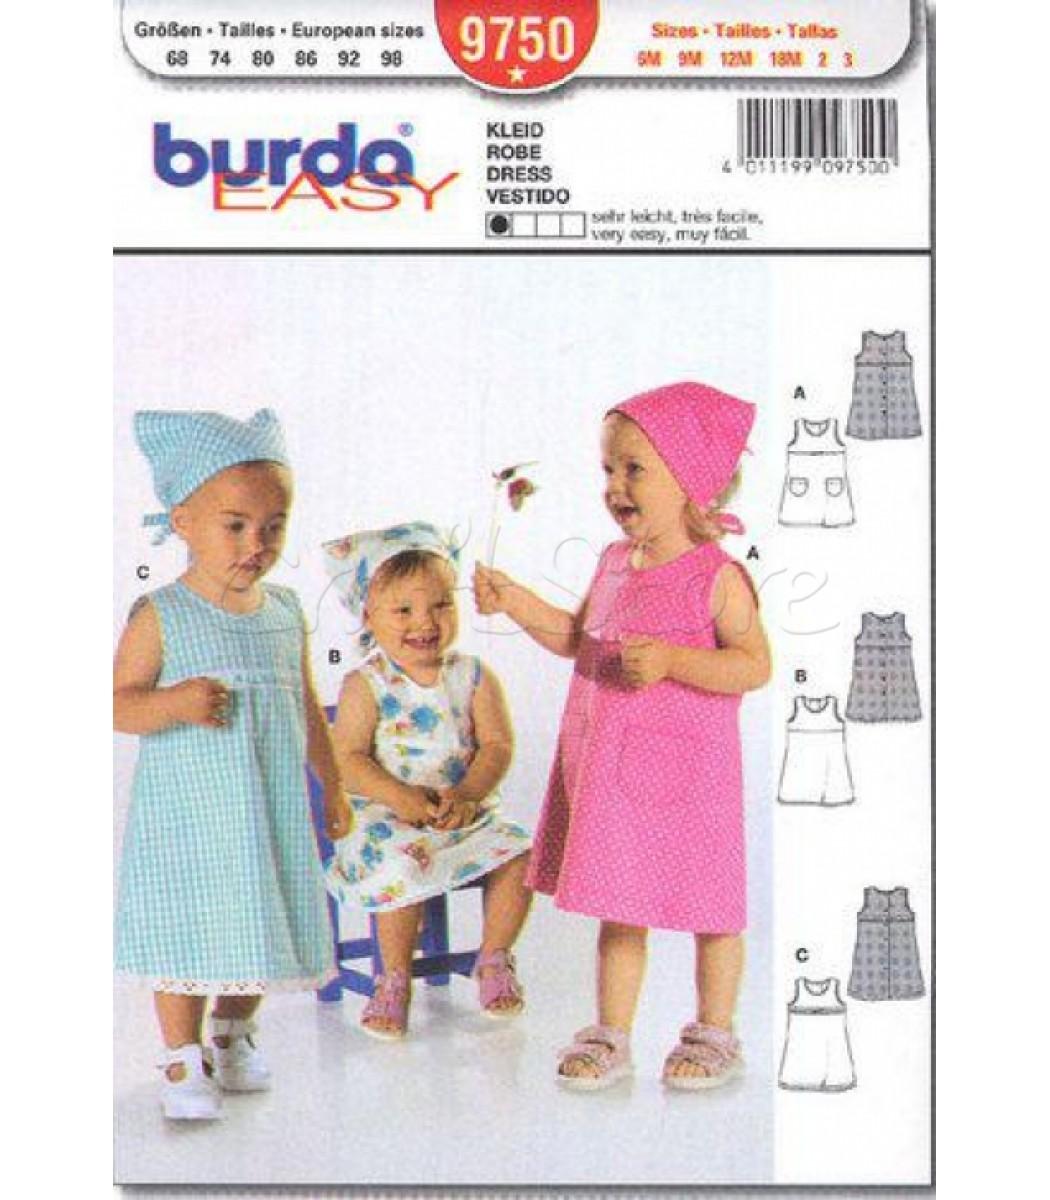 cd2d29a503a5 Burda Πατρόν Βρεφικά Φορέματα 9750